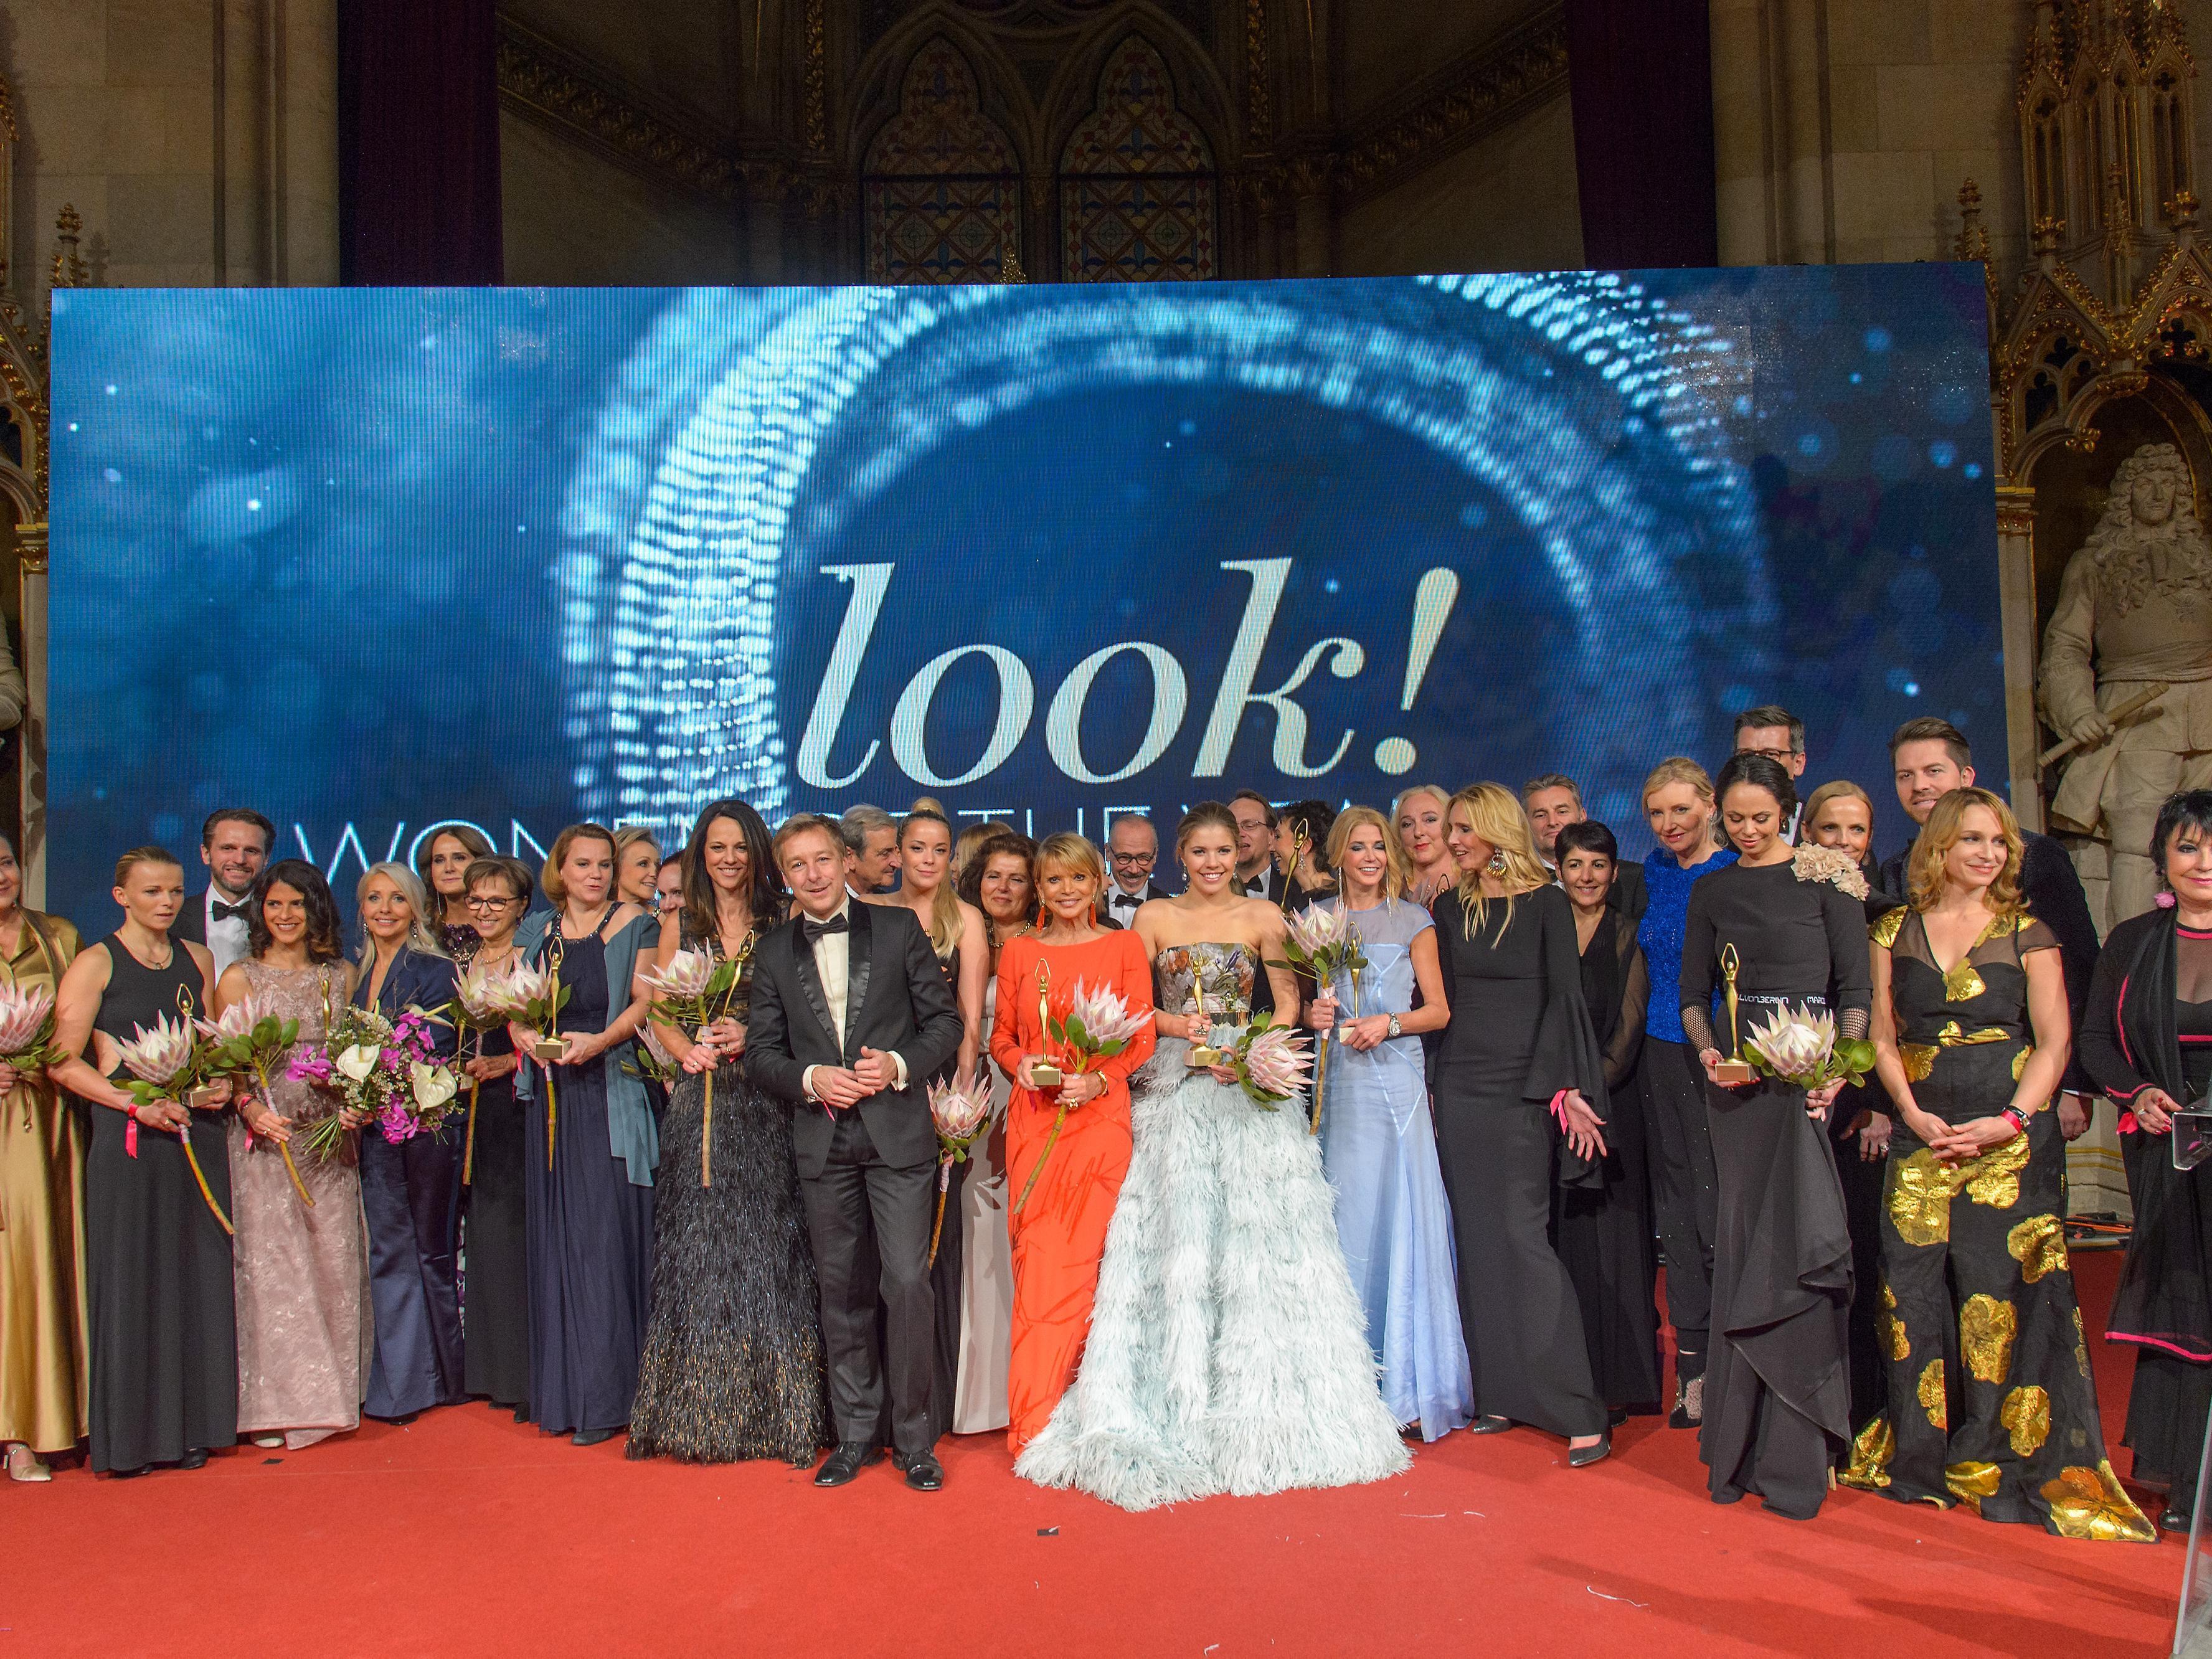 Bei der Verleihung im Wiener Rathaus.